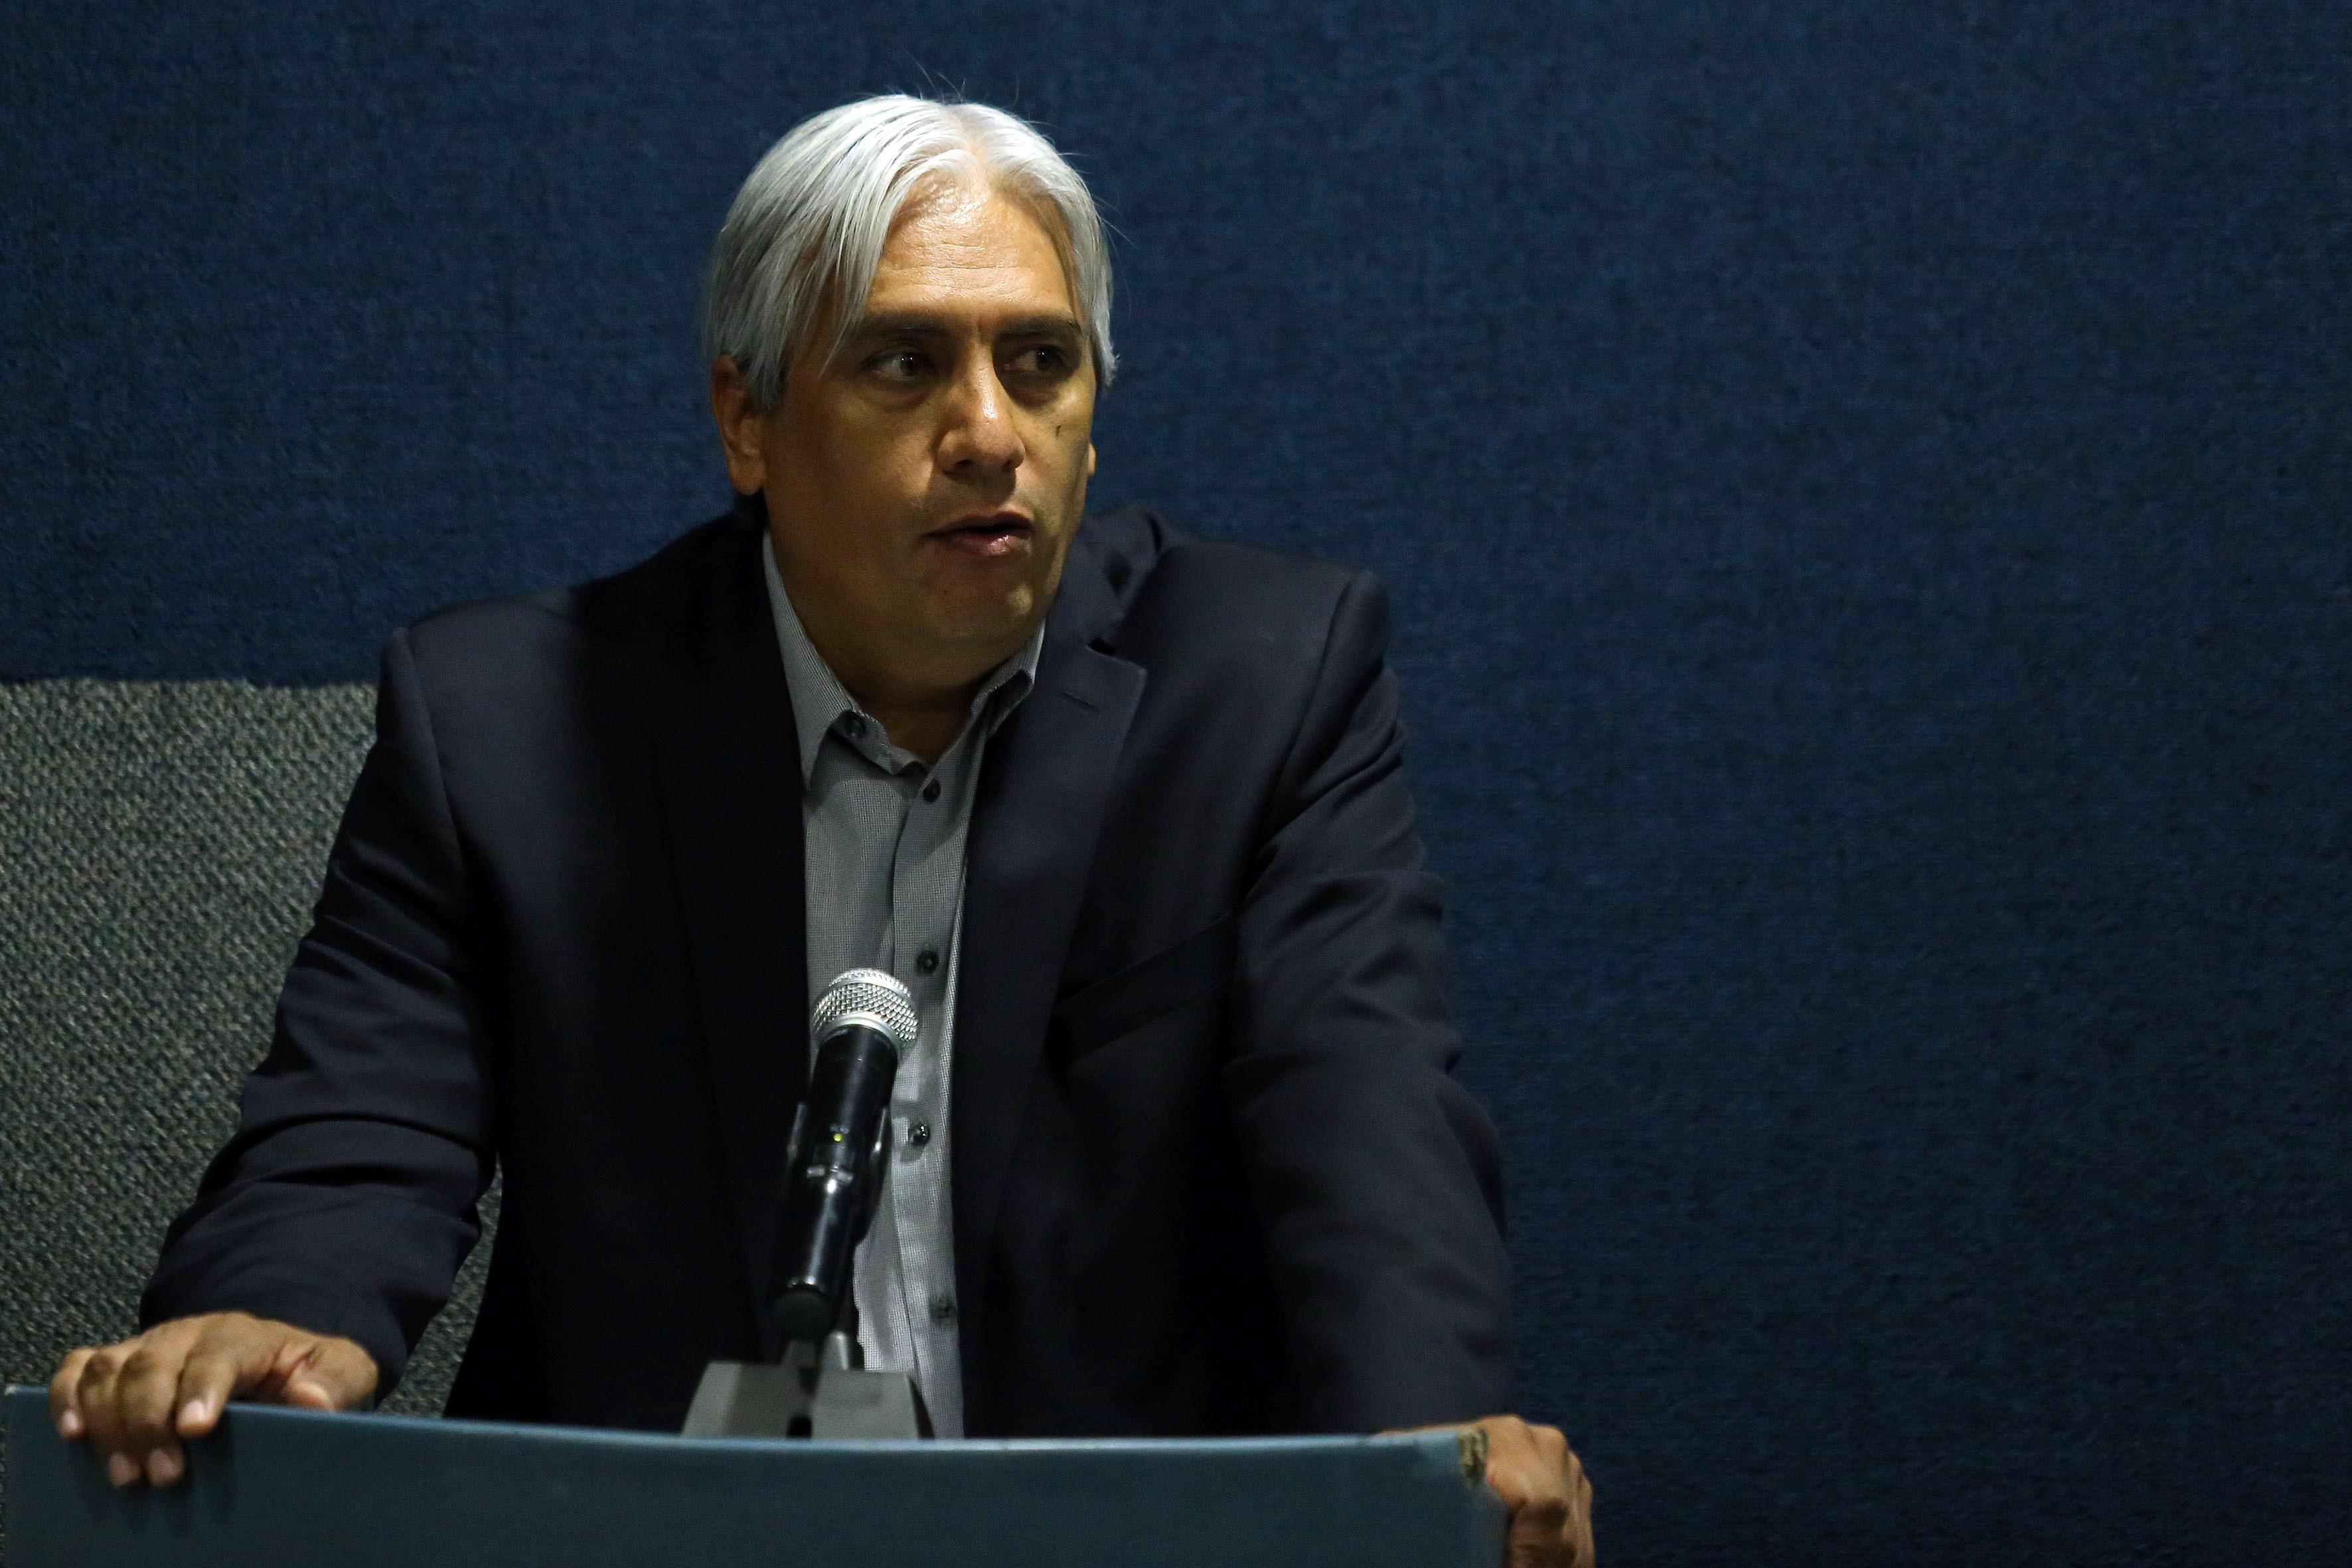 Mtro. José Alberto Becerra Santiago, Secretario Académico del CUCEA, en podium del evento haciendo uso de la palabra.